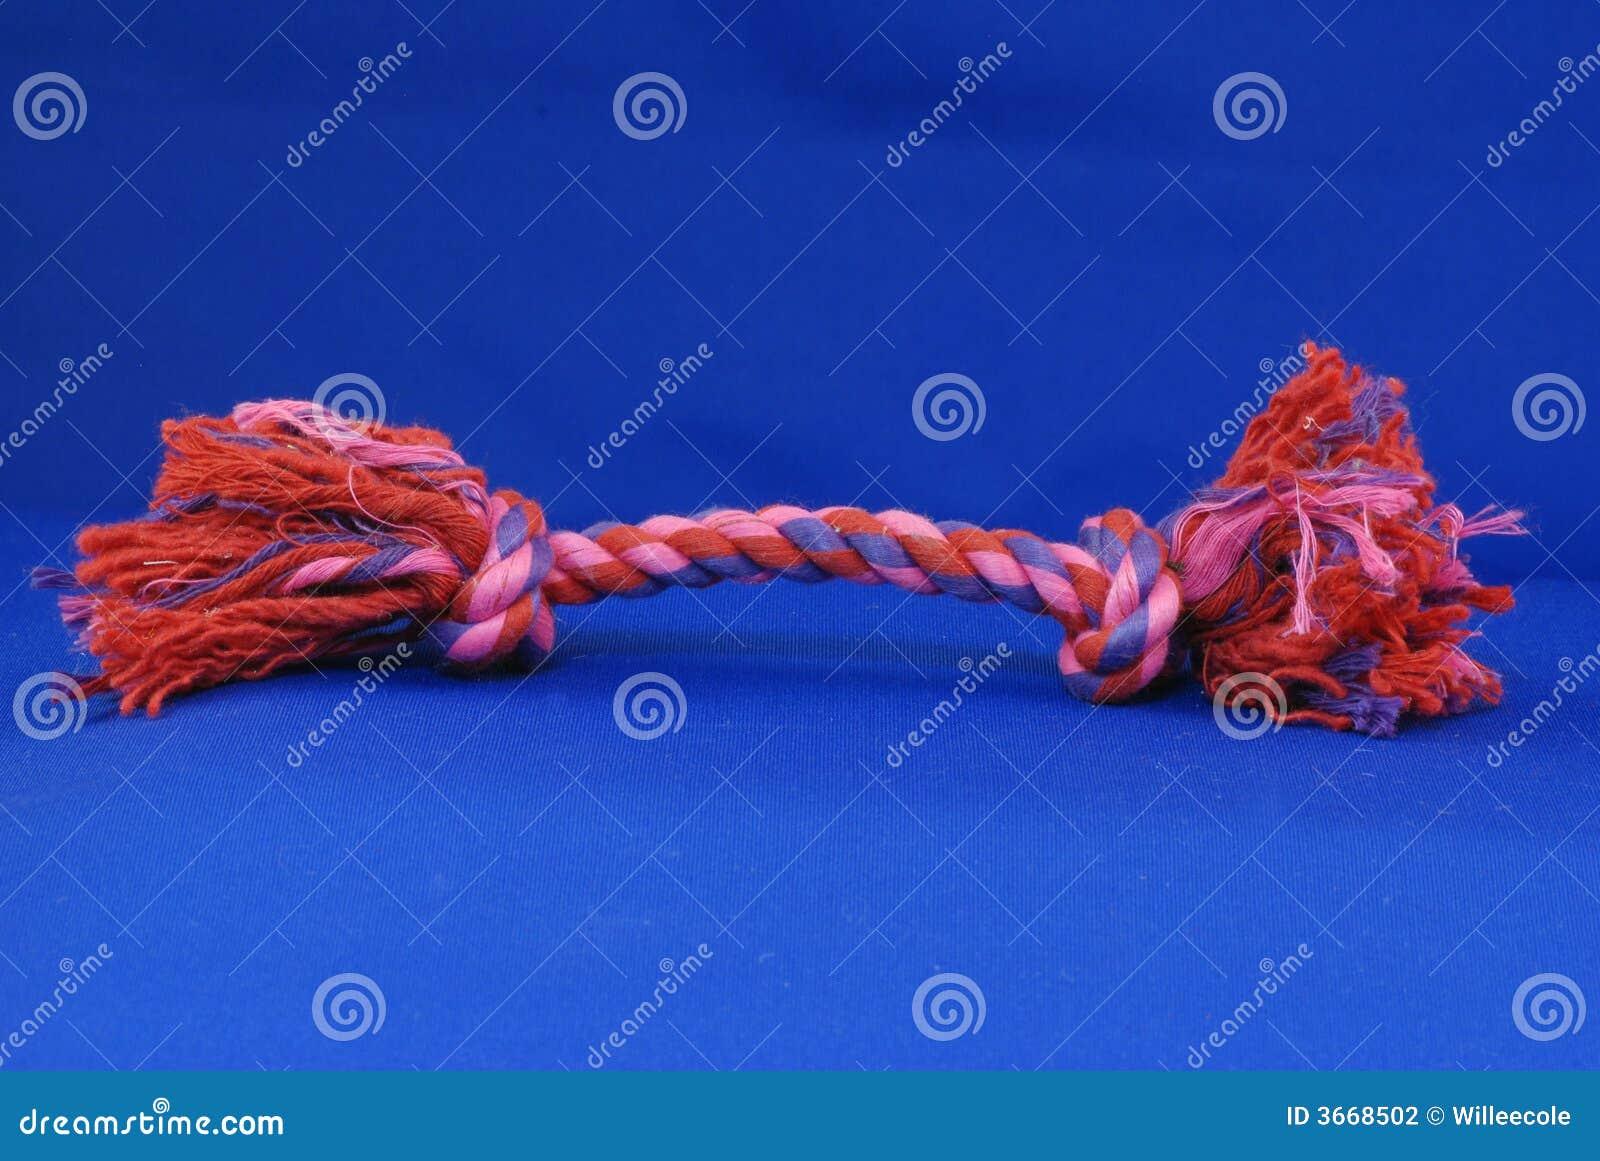 Brinquedo da corda do reboque do cão